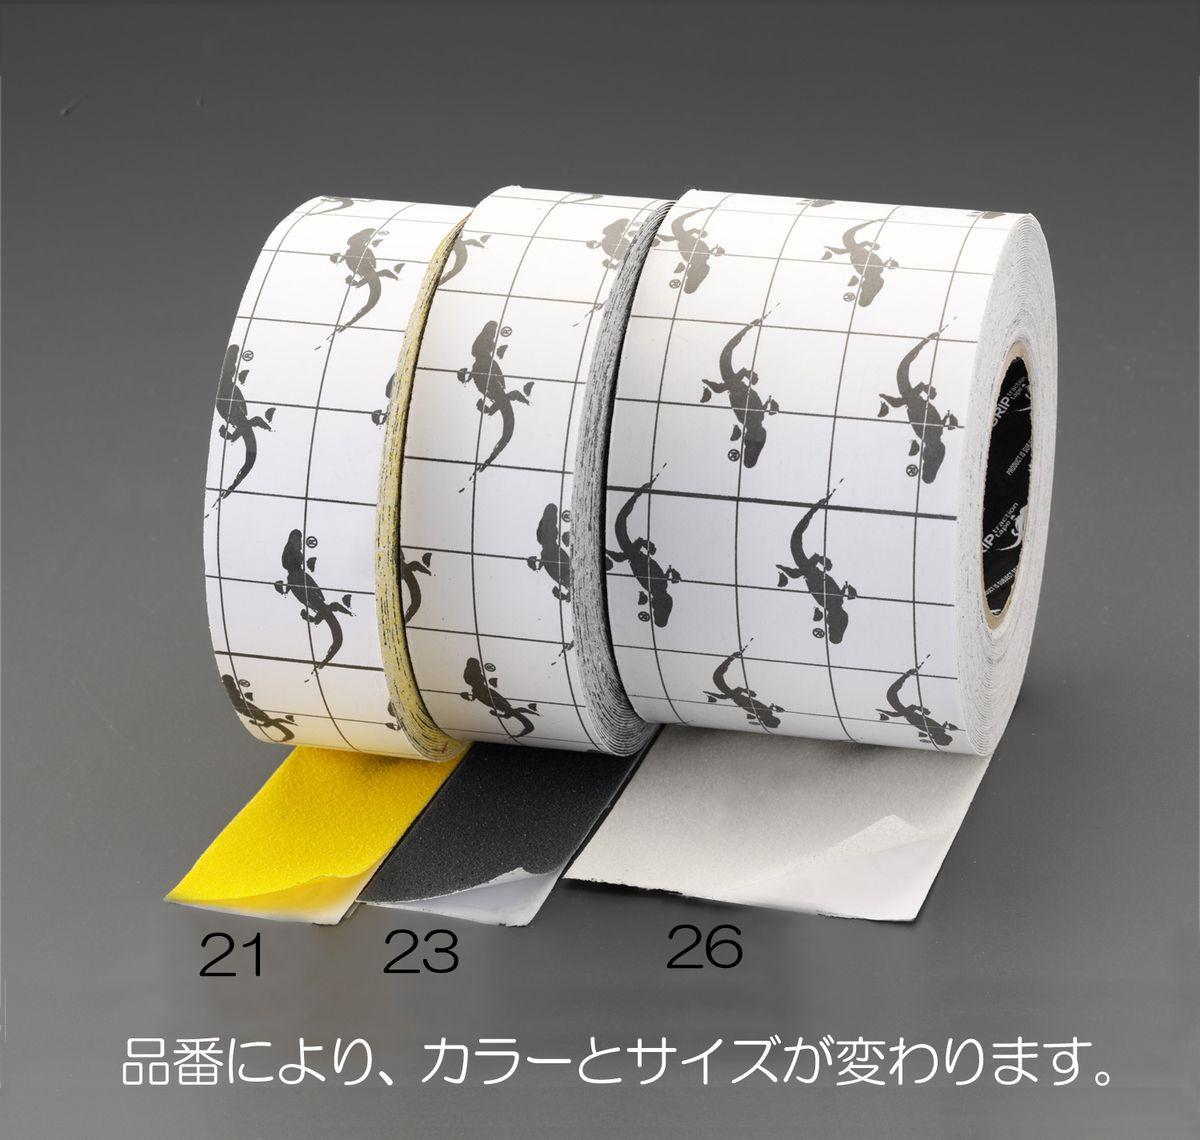 【メーカー在庫あり】 エスコ ESCO 100mmx18.3m 滑り止めテープ イエロー 000012249705 JP店